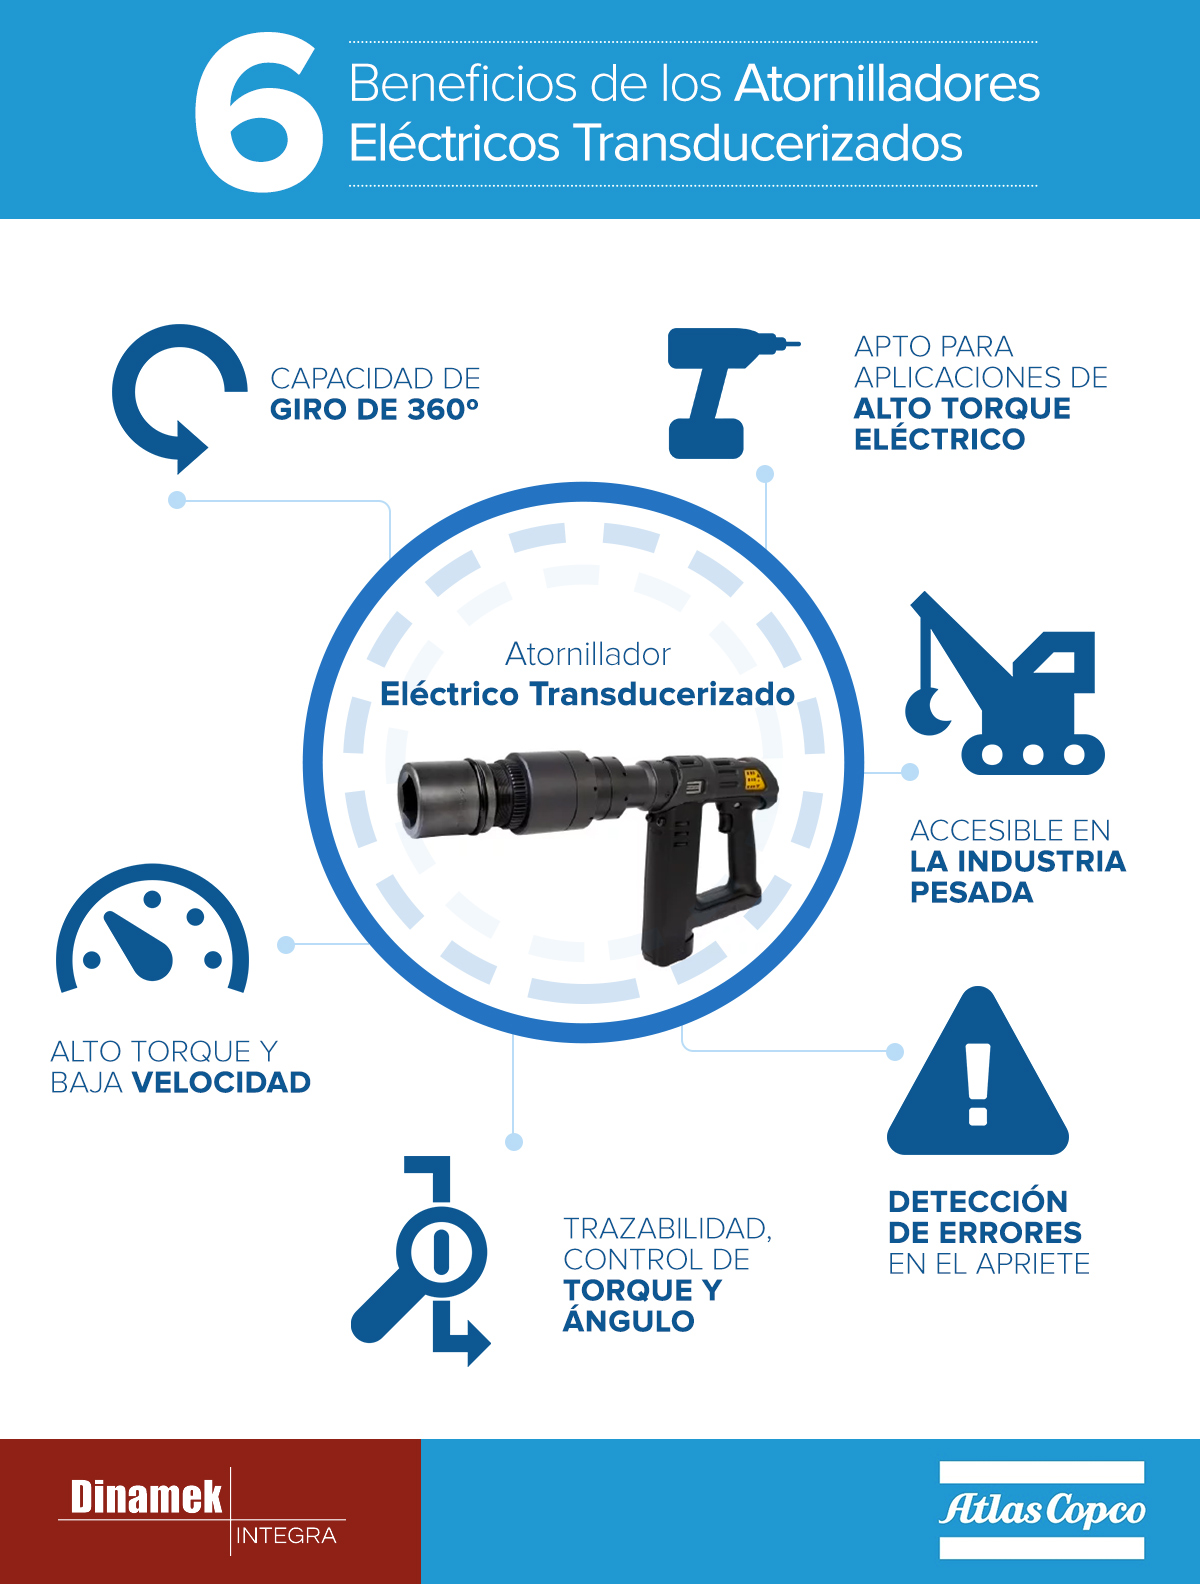 Infografía: 6 beneficios de los Atornilladores Eléctricos TransducerizadosAtlasCopco